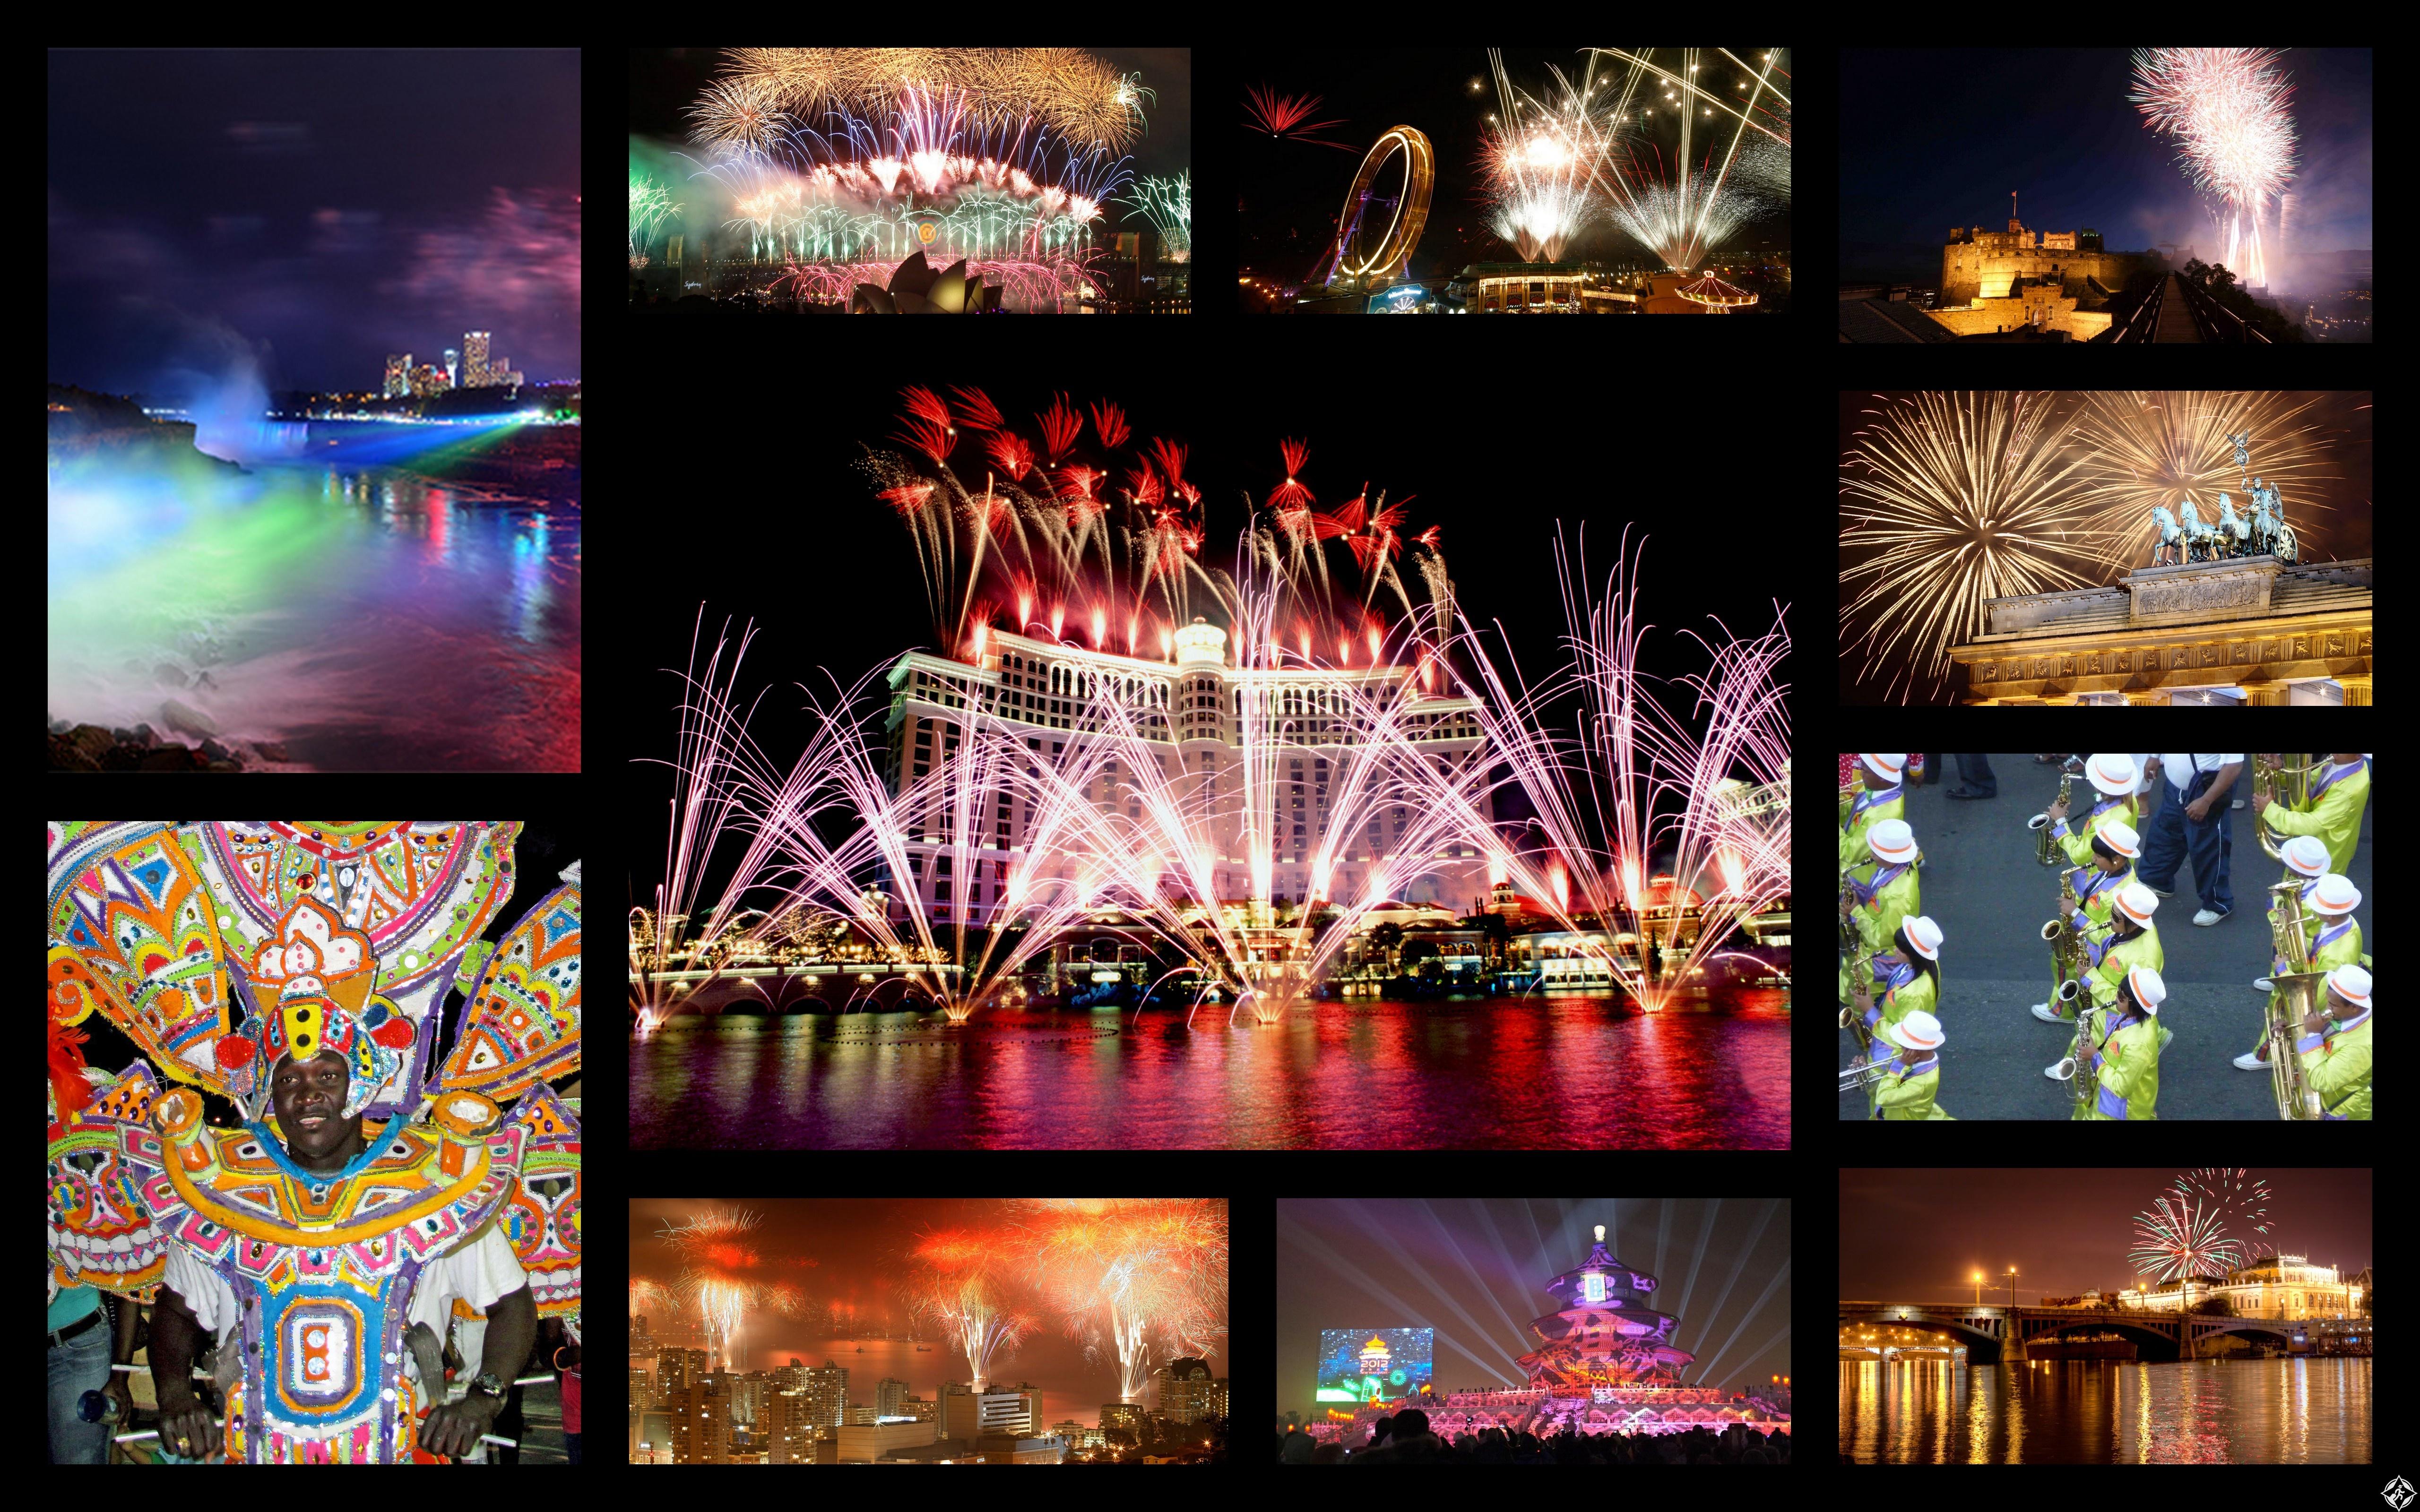 احتفالات ليلة رأس السنة الجديدة 2015